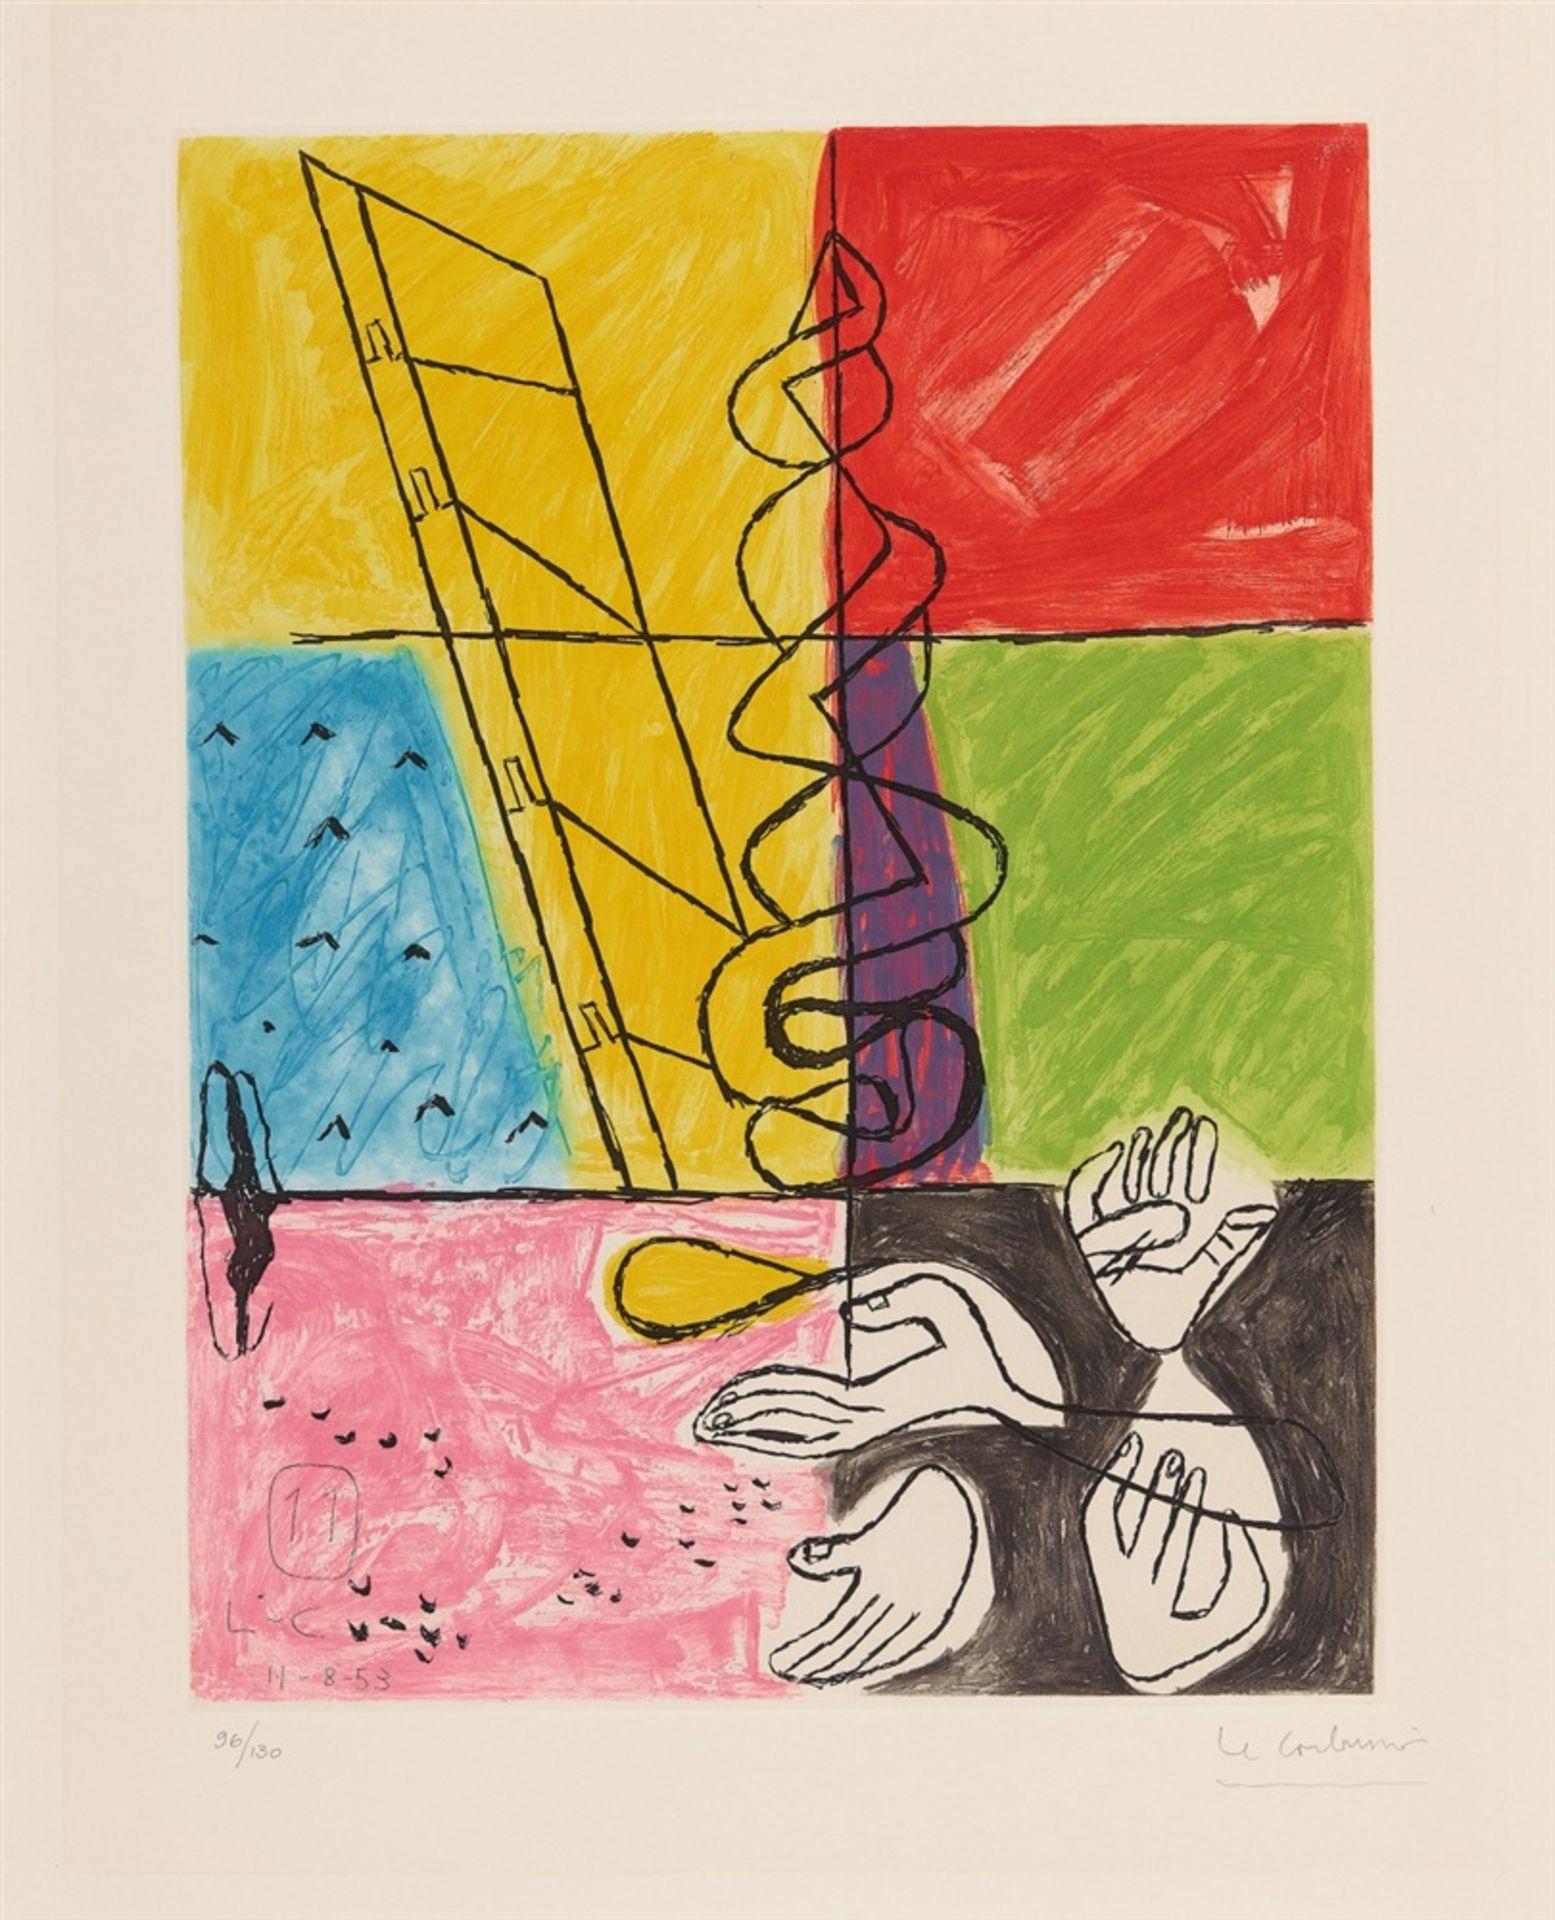 Le Corbusier (Charles-Édouard Jeanneret)Unité - Bild 18 aus 27